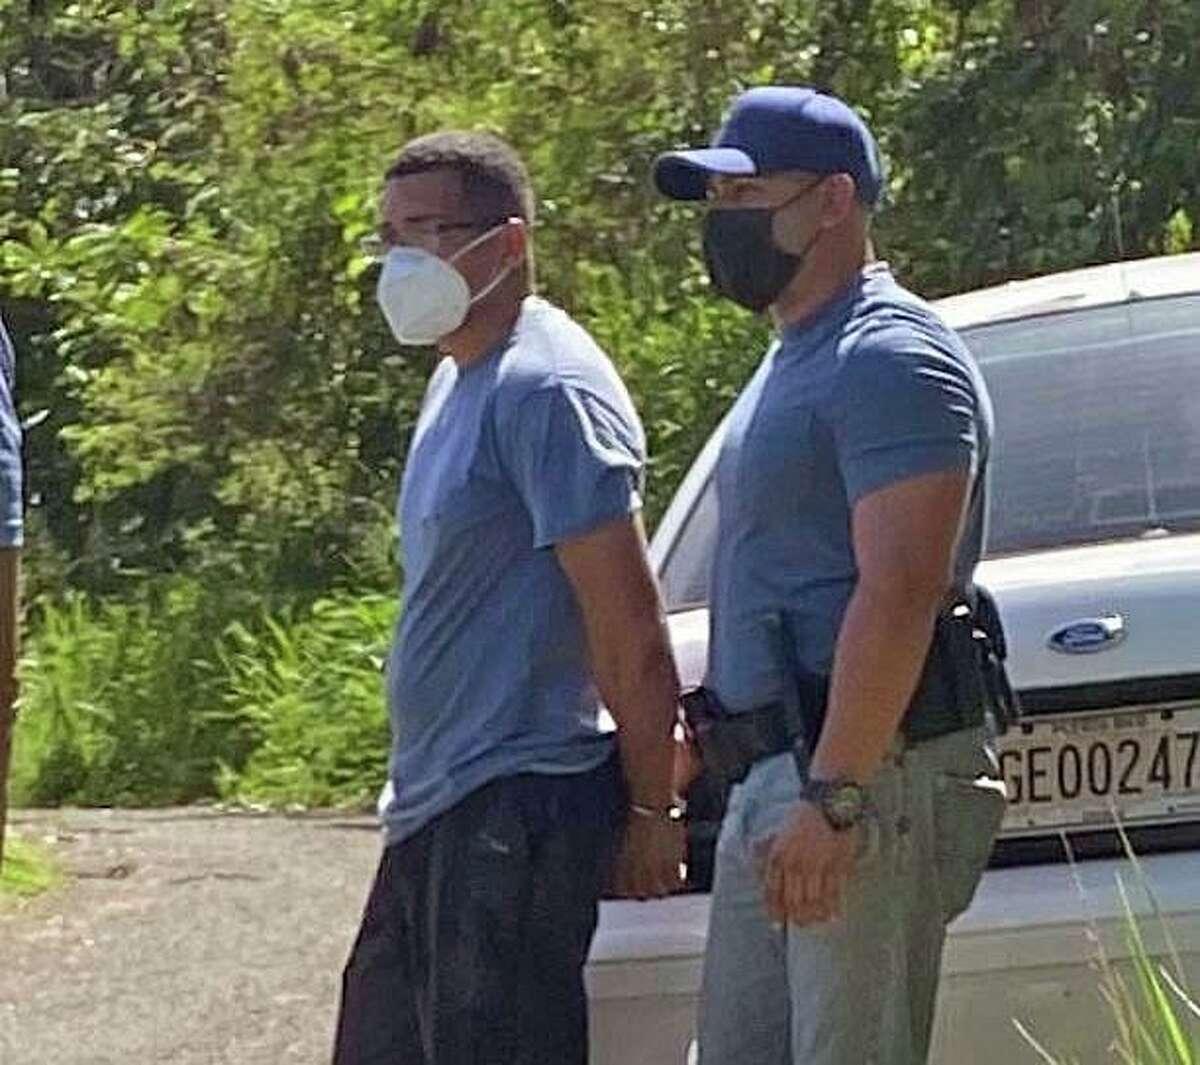 Davis Omar Roman Villanueva, 32, was taken into custody in Puerto Rico in connection with a Oct. 4, 2020, homicide in Meriden, Conn.